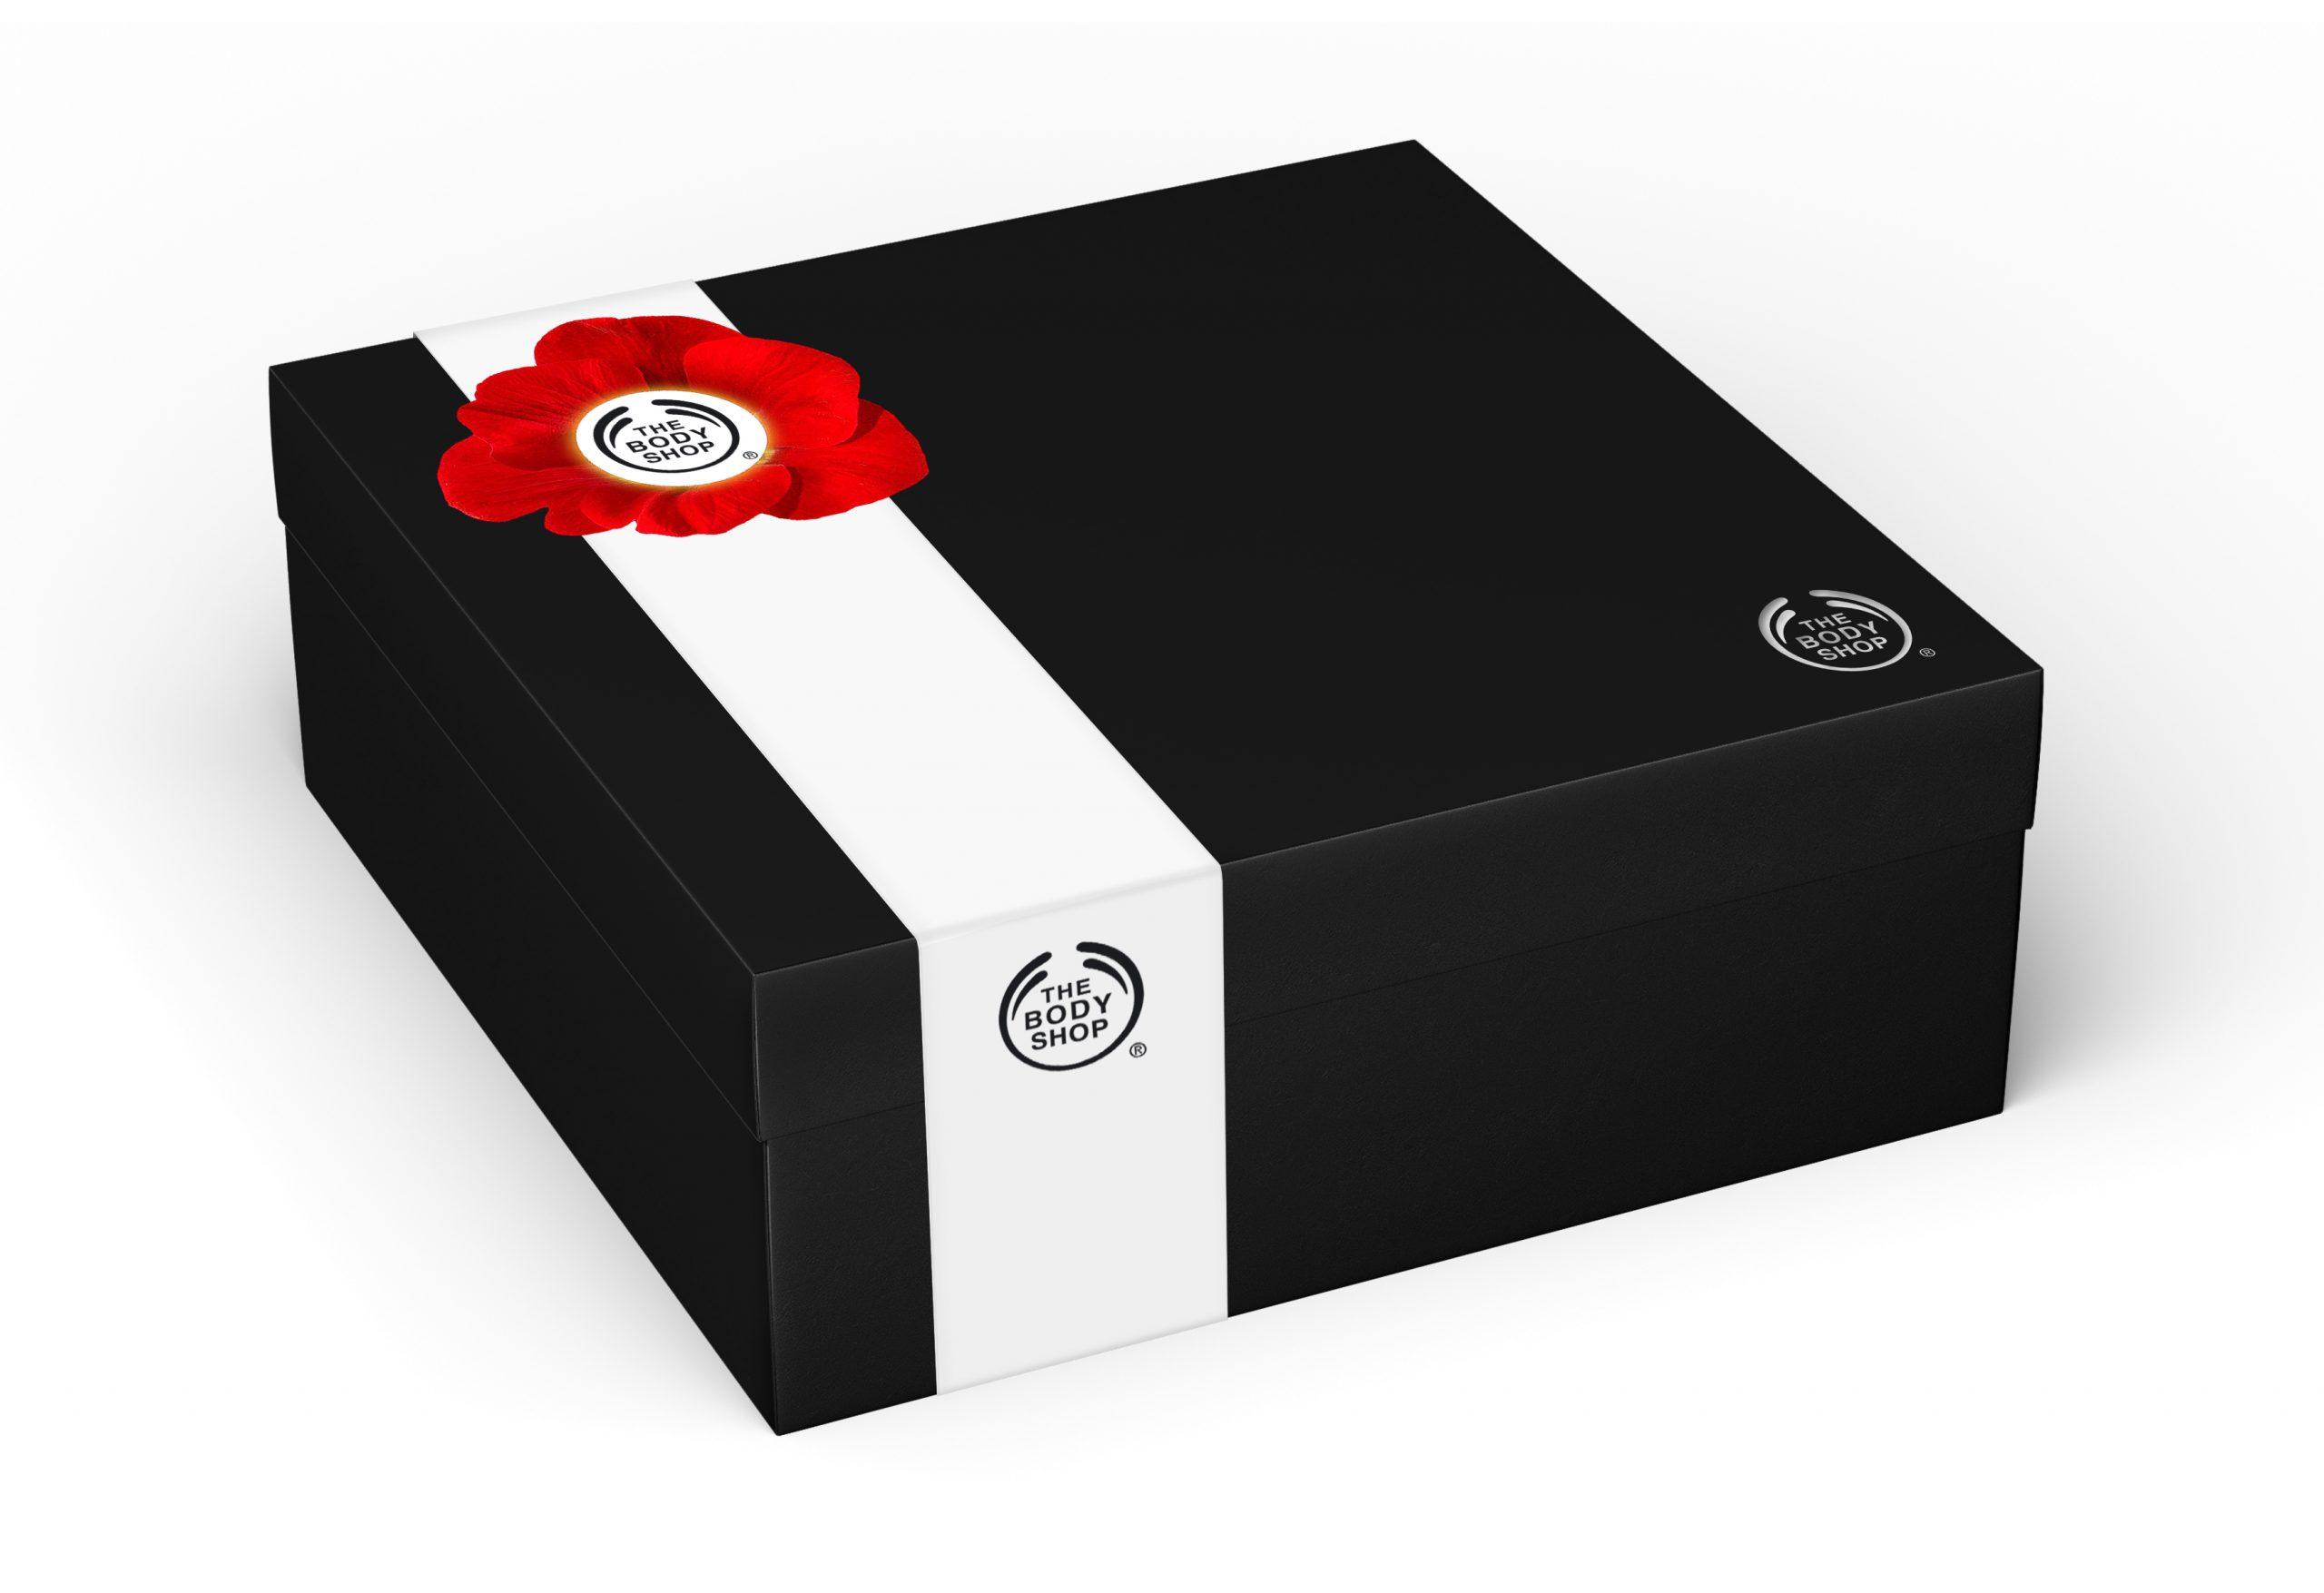 The Body Shop_embalagem_cartão_compacto